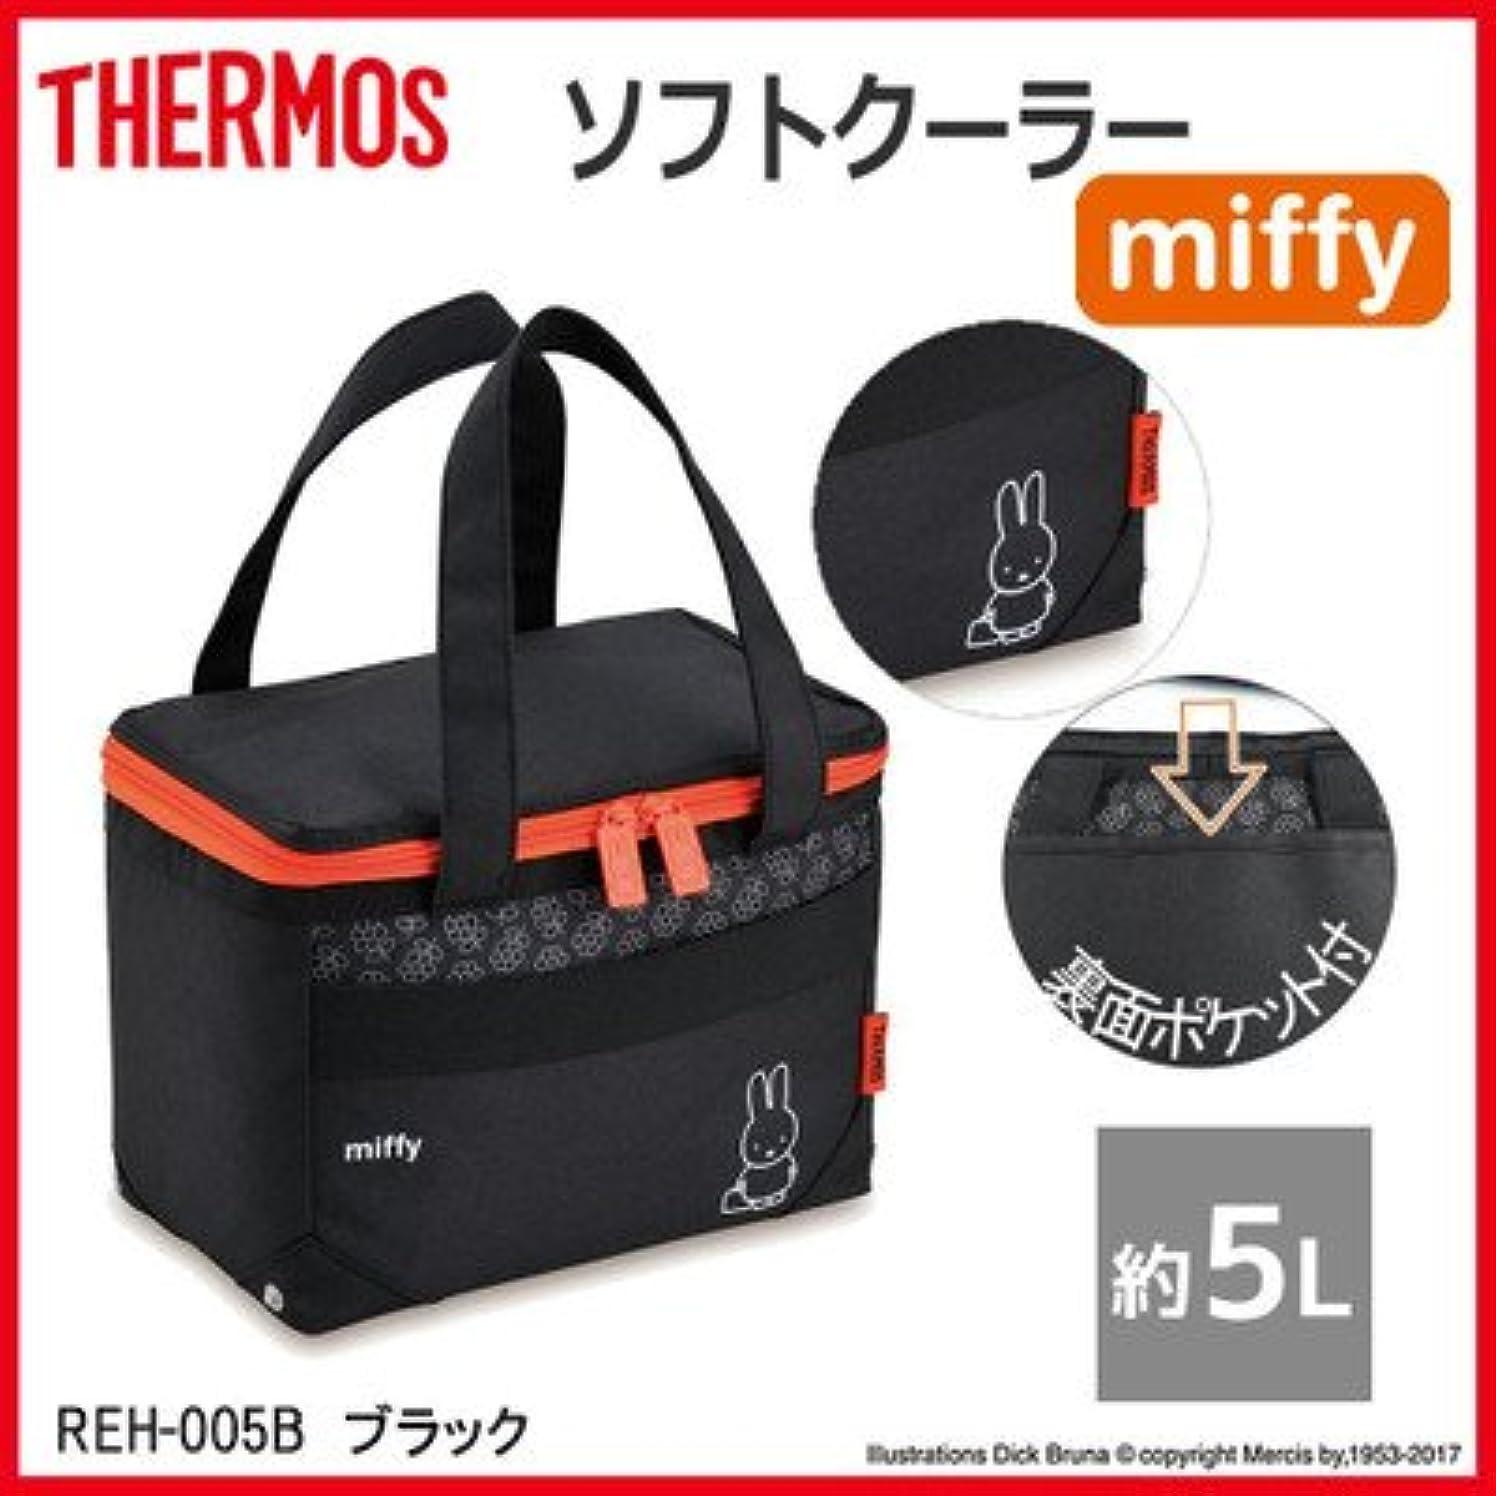 コンドーム励起ハシー冷たいものをしっかりと冷やしたまま持ち運ぶアイソテック採用 サーモス ミッフィー ソフトクーラー 約5L REH-005B ブラック